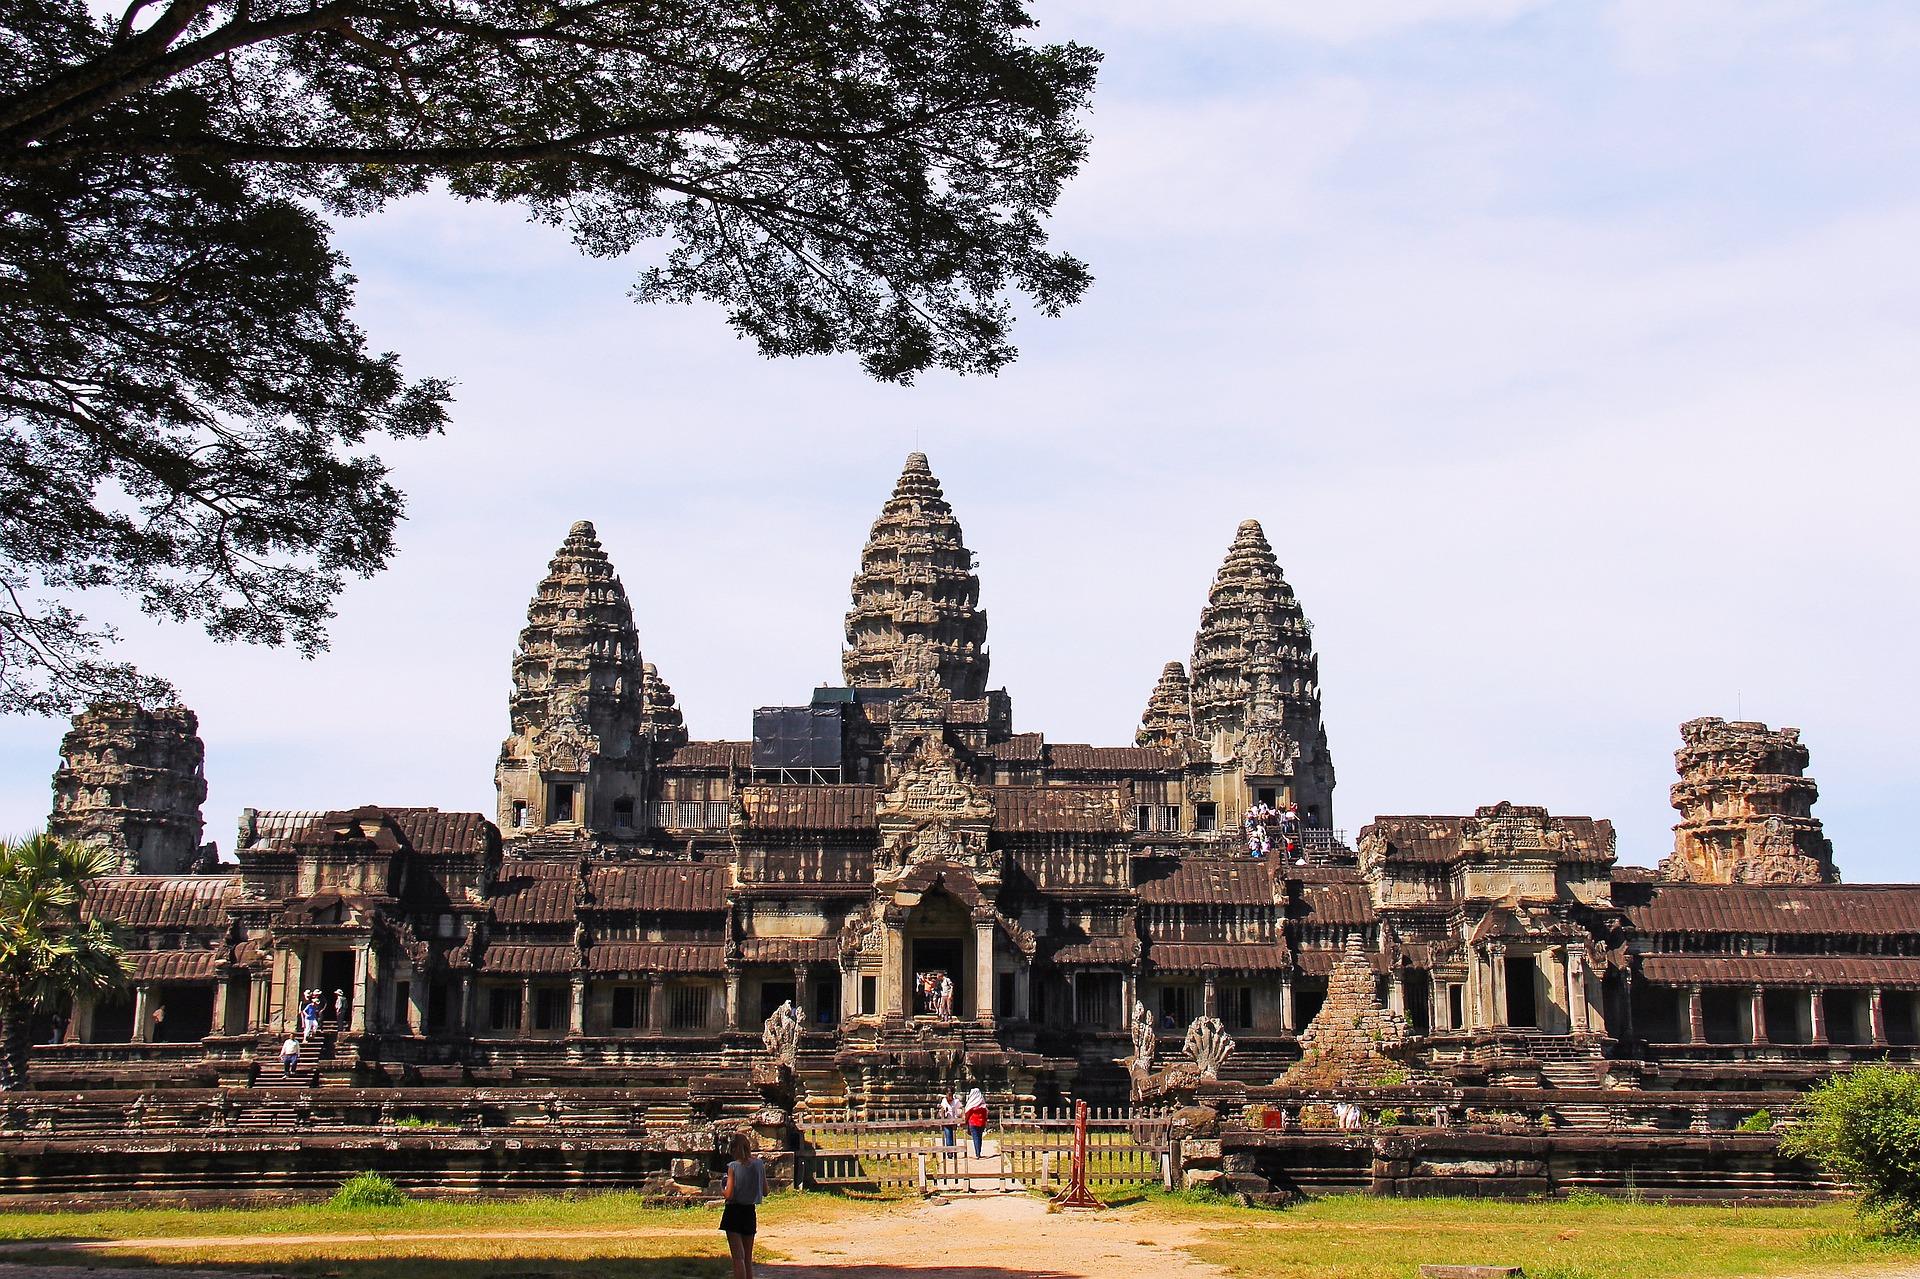 11-15-15 angkor-wat-temple-934094_1920